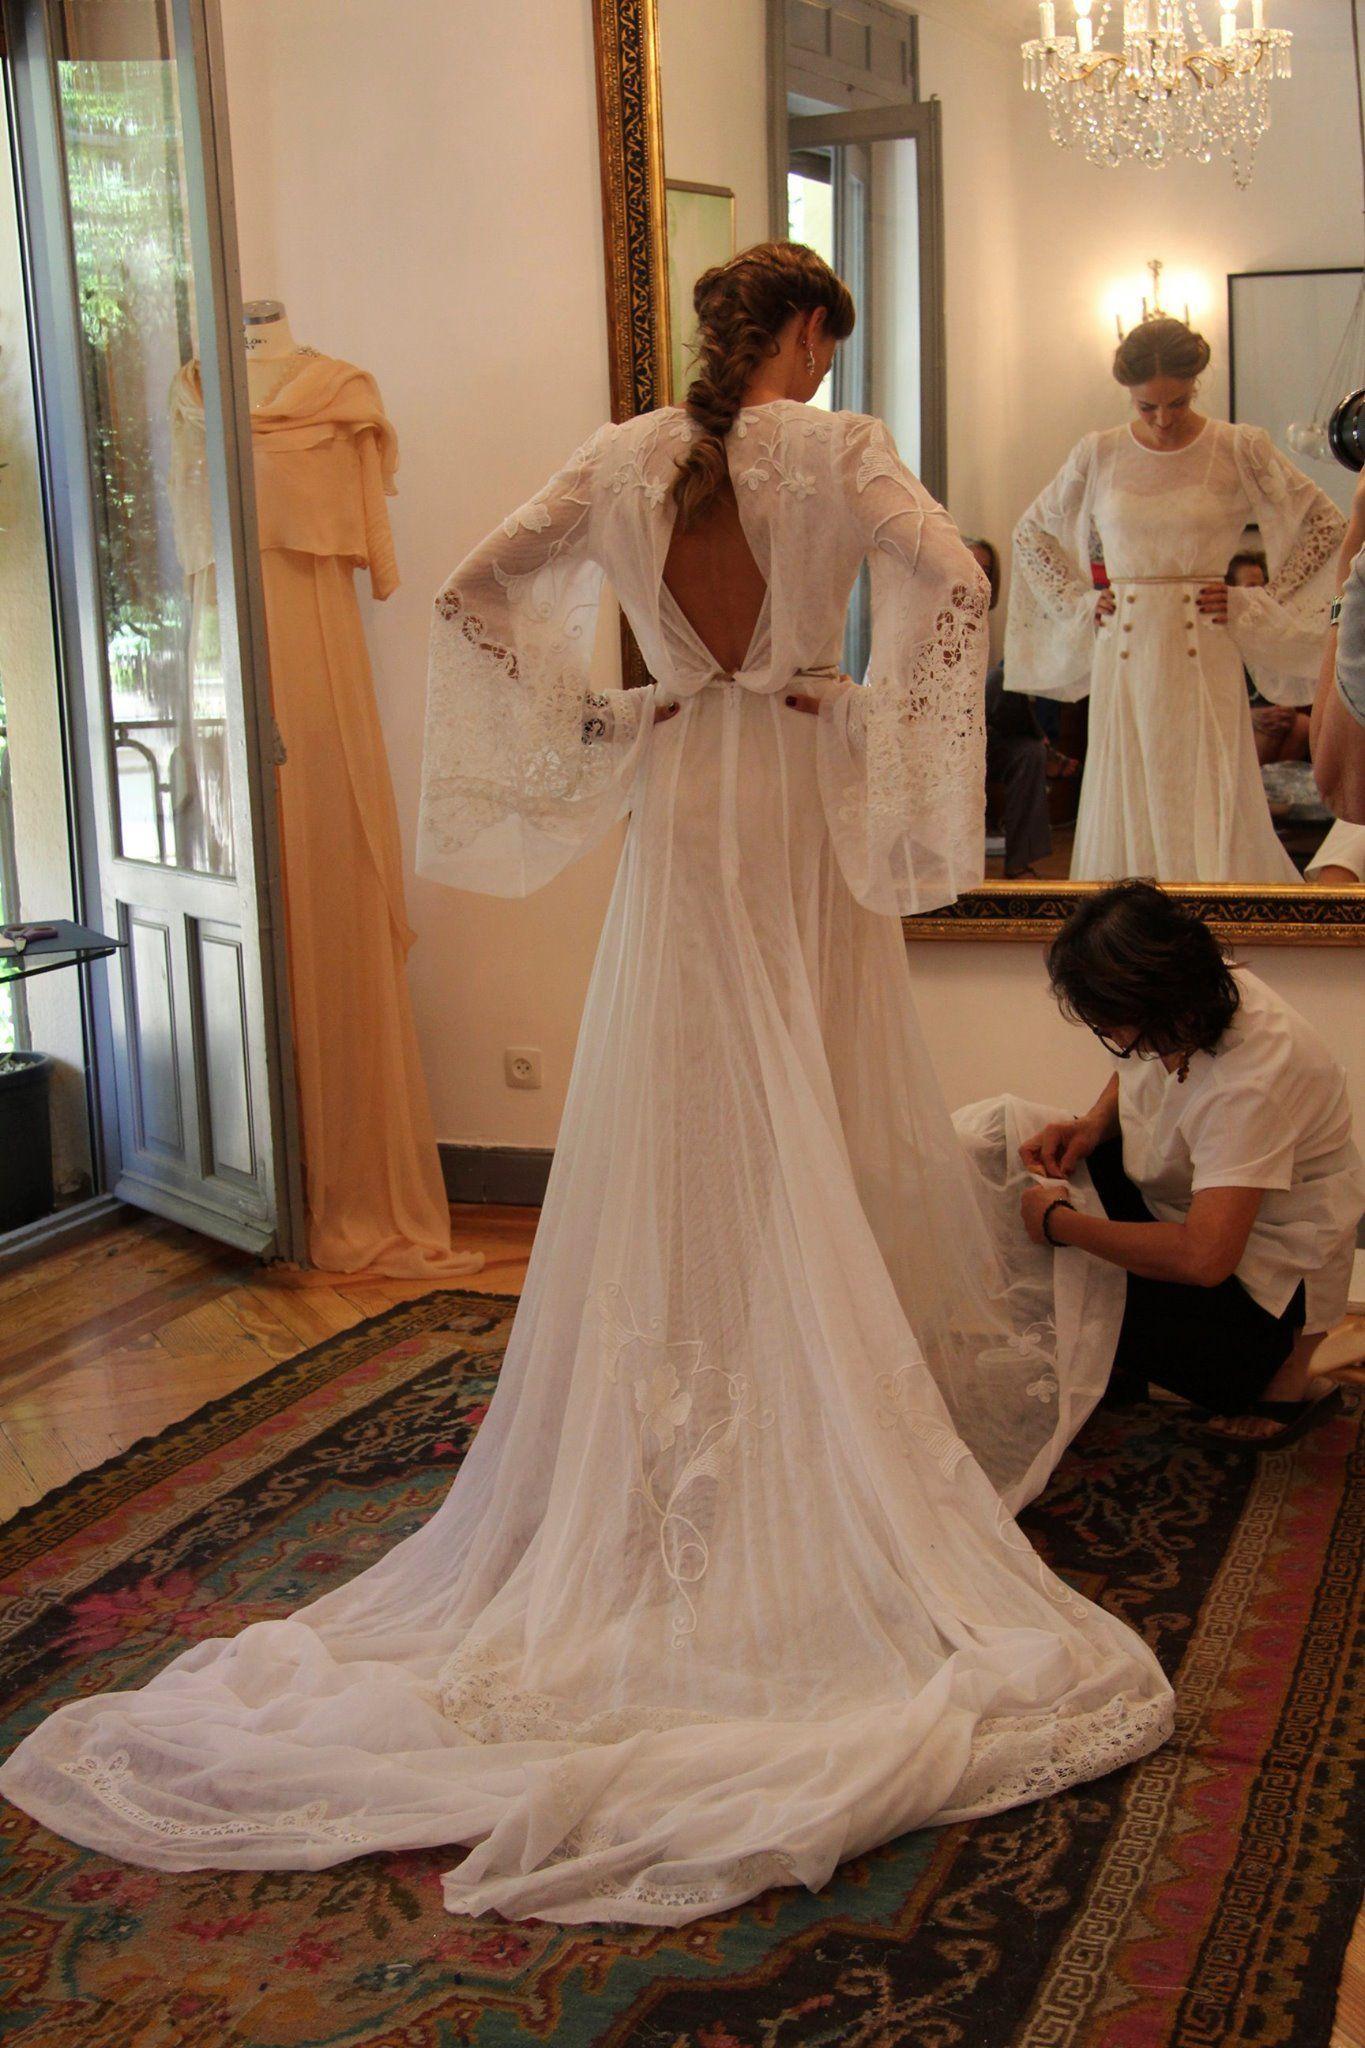 11 Fantastic Wedding Dresses Satin #Excellent #Backless #WeddingDresses